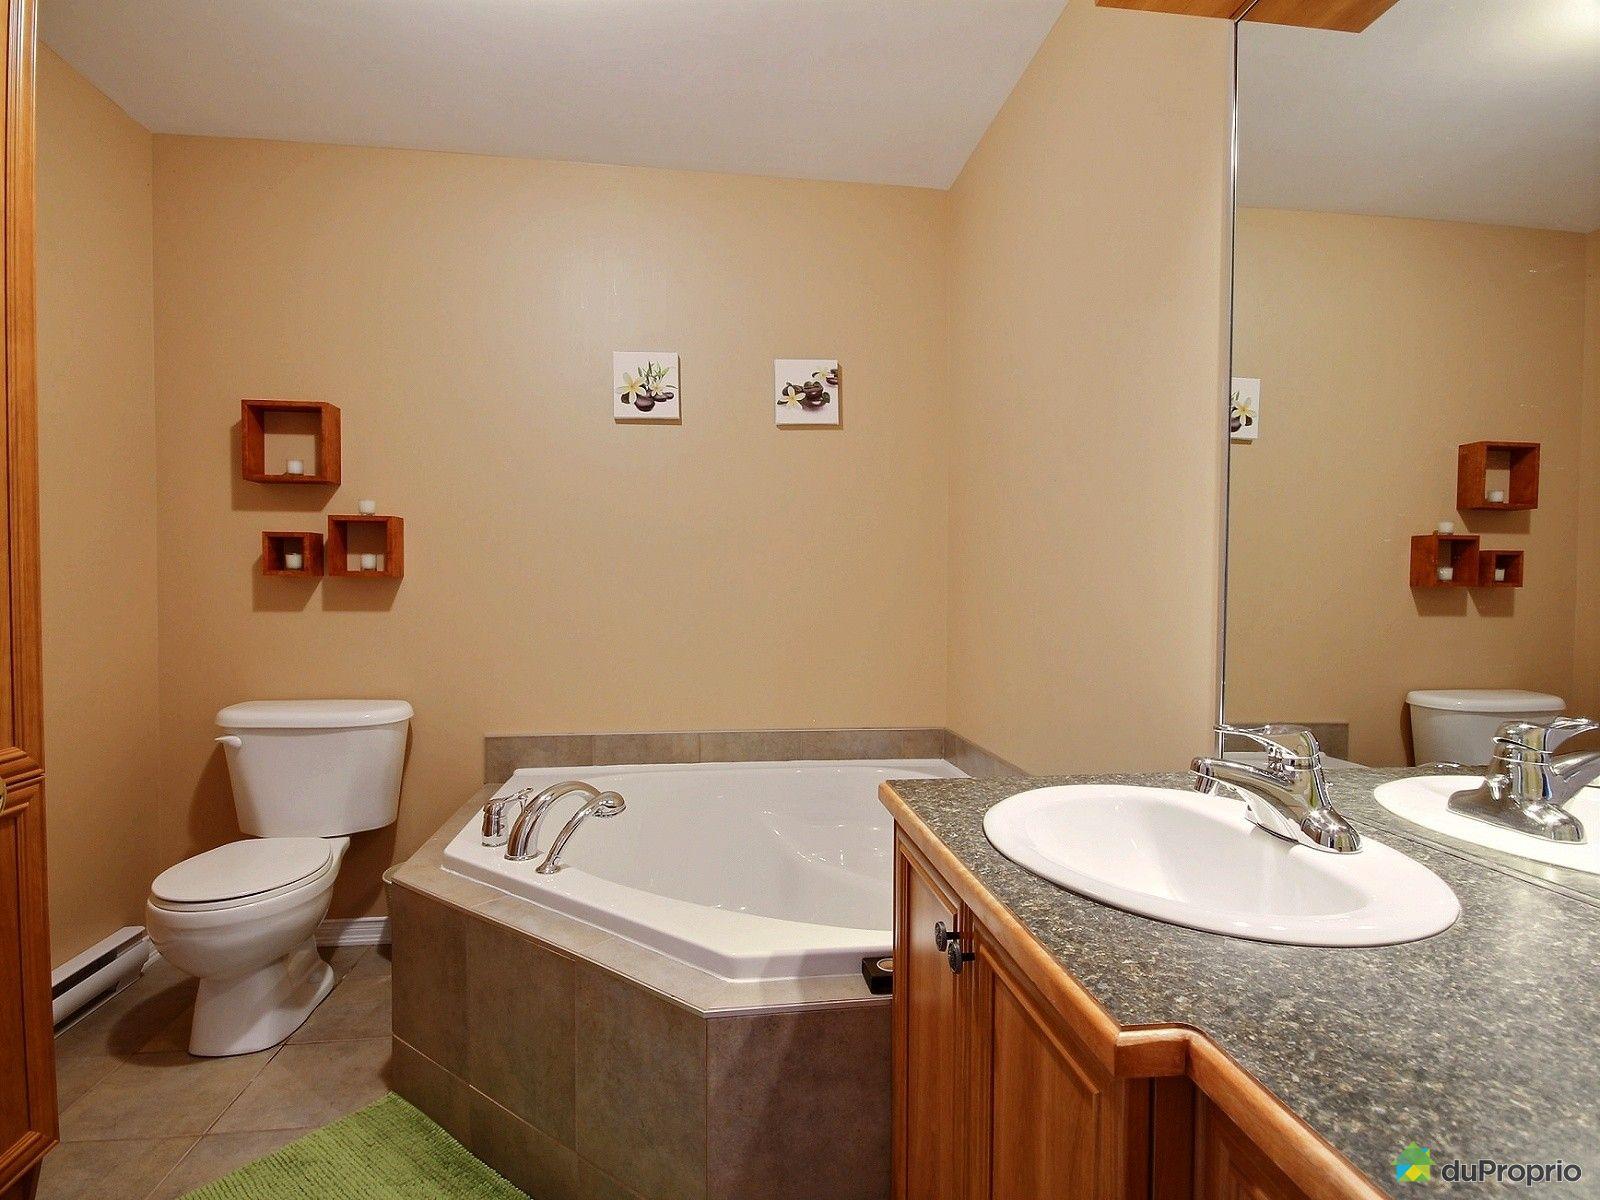 Maison vendre st romuald 238 rue du verger immobilier - Salle de bain saint brieuc ...